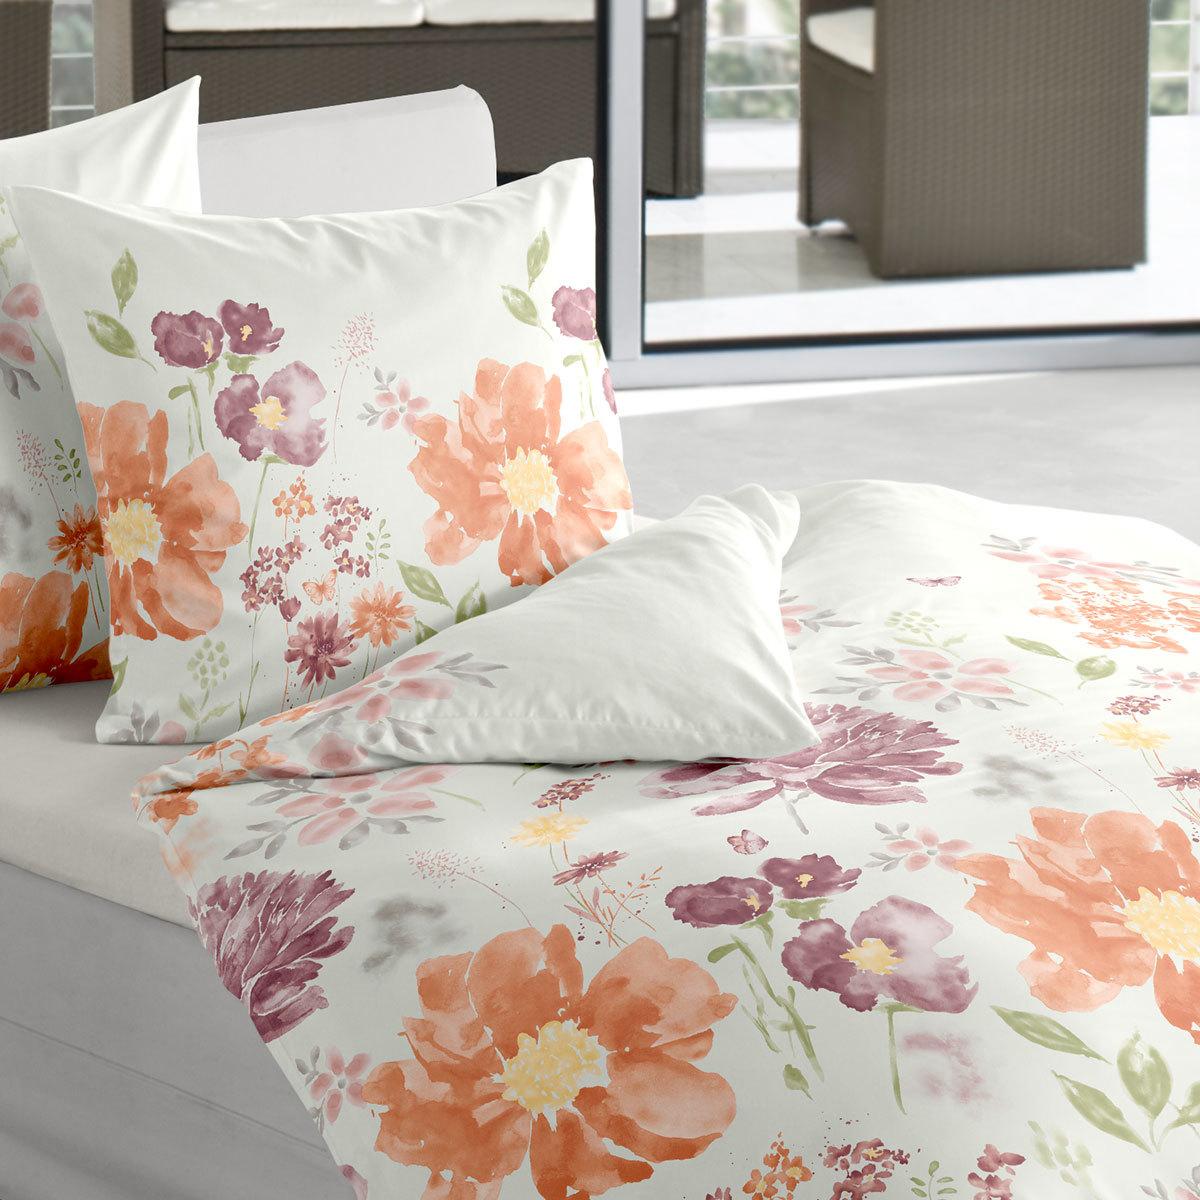 bierbaum biber bettw sche bettdecke und kopfkissen schlafzimmer komplett dunkelbraun mit farbe. Black Bedroom Furniture Sets. Home Design Ideas